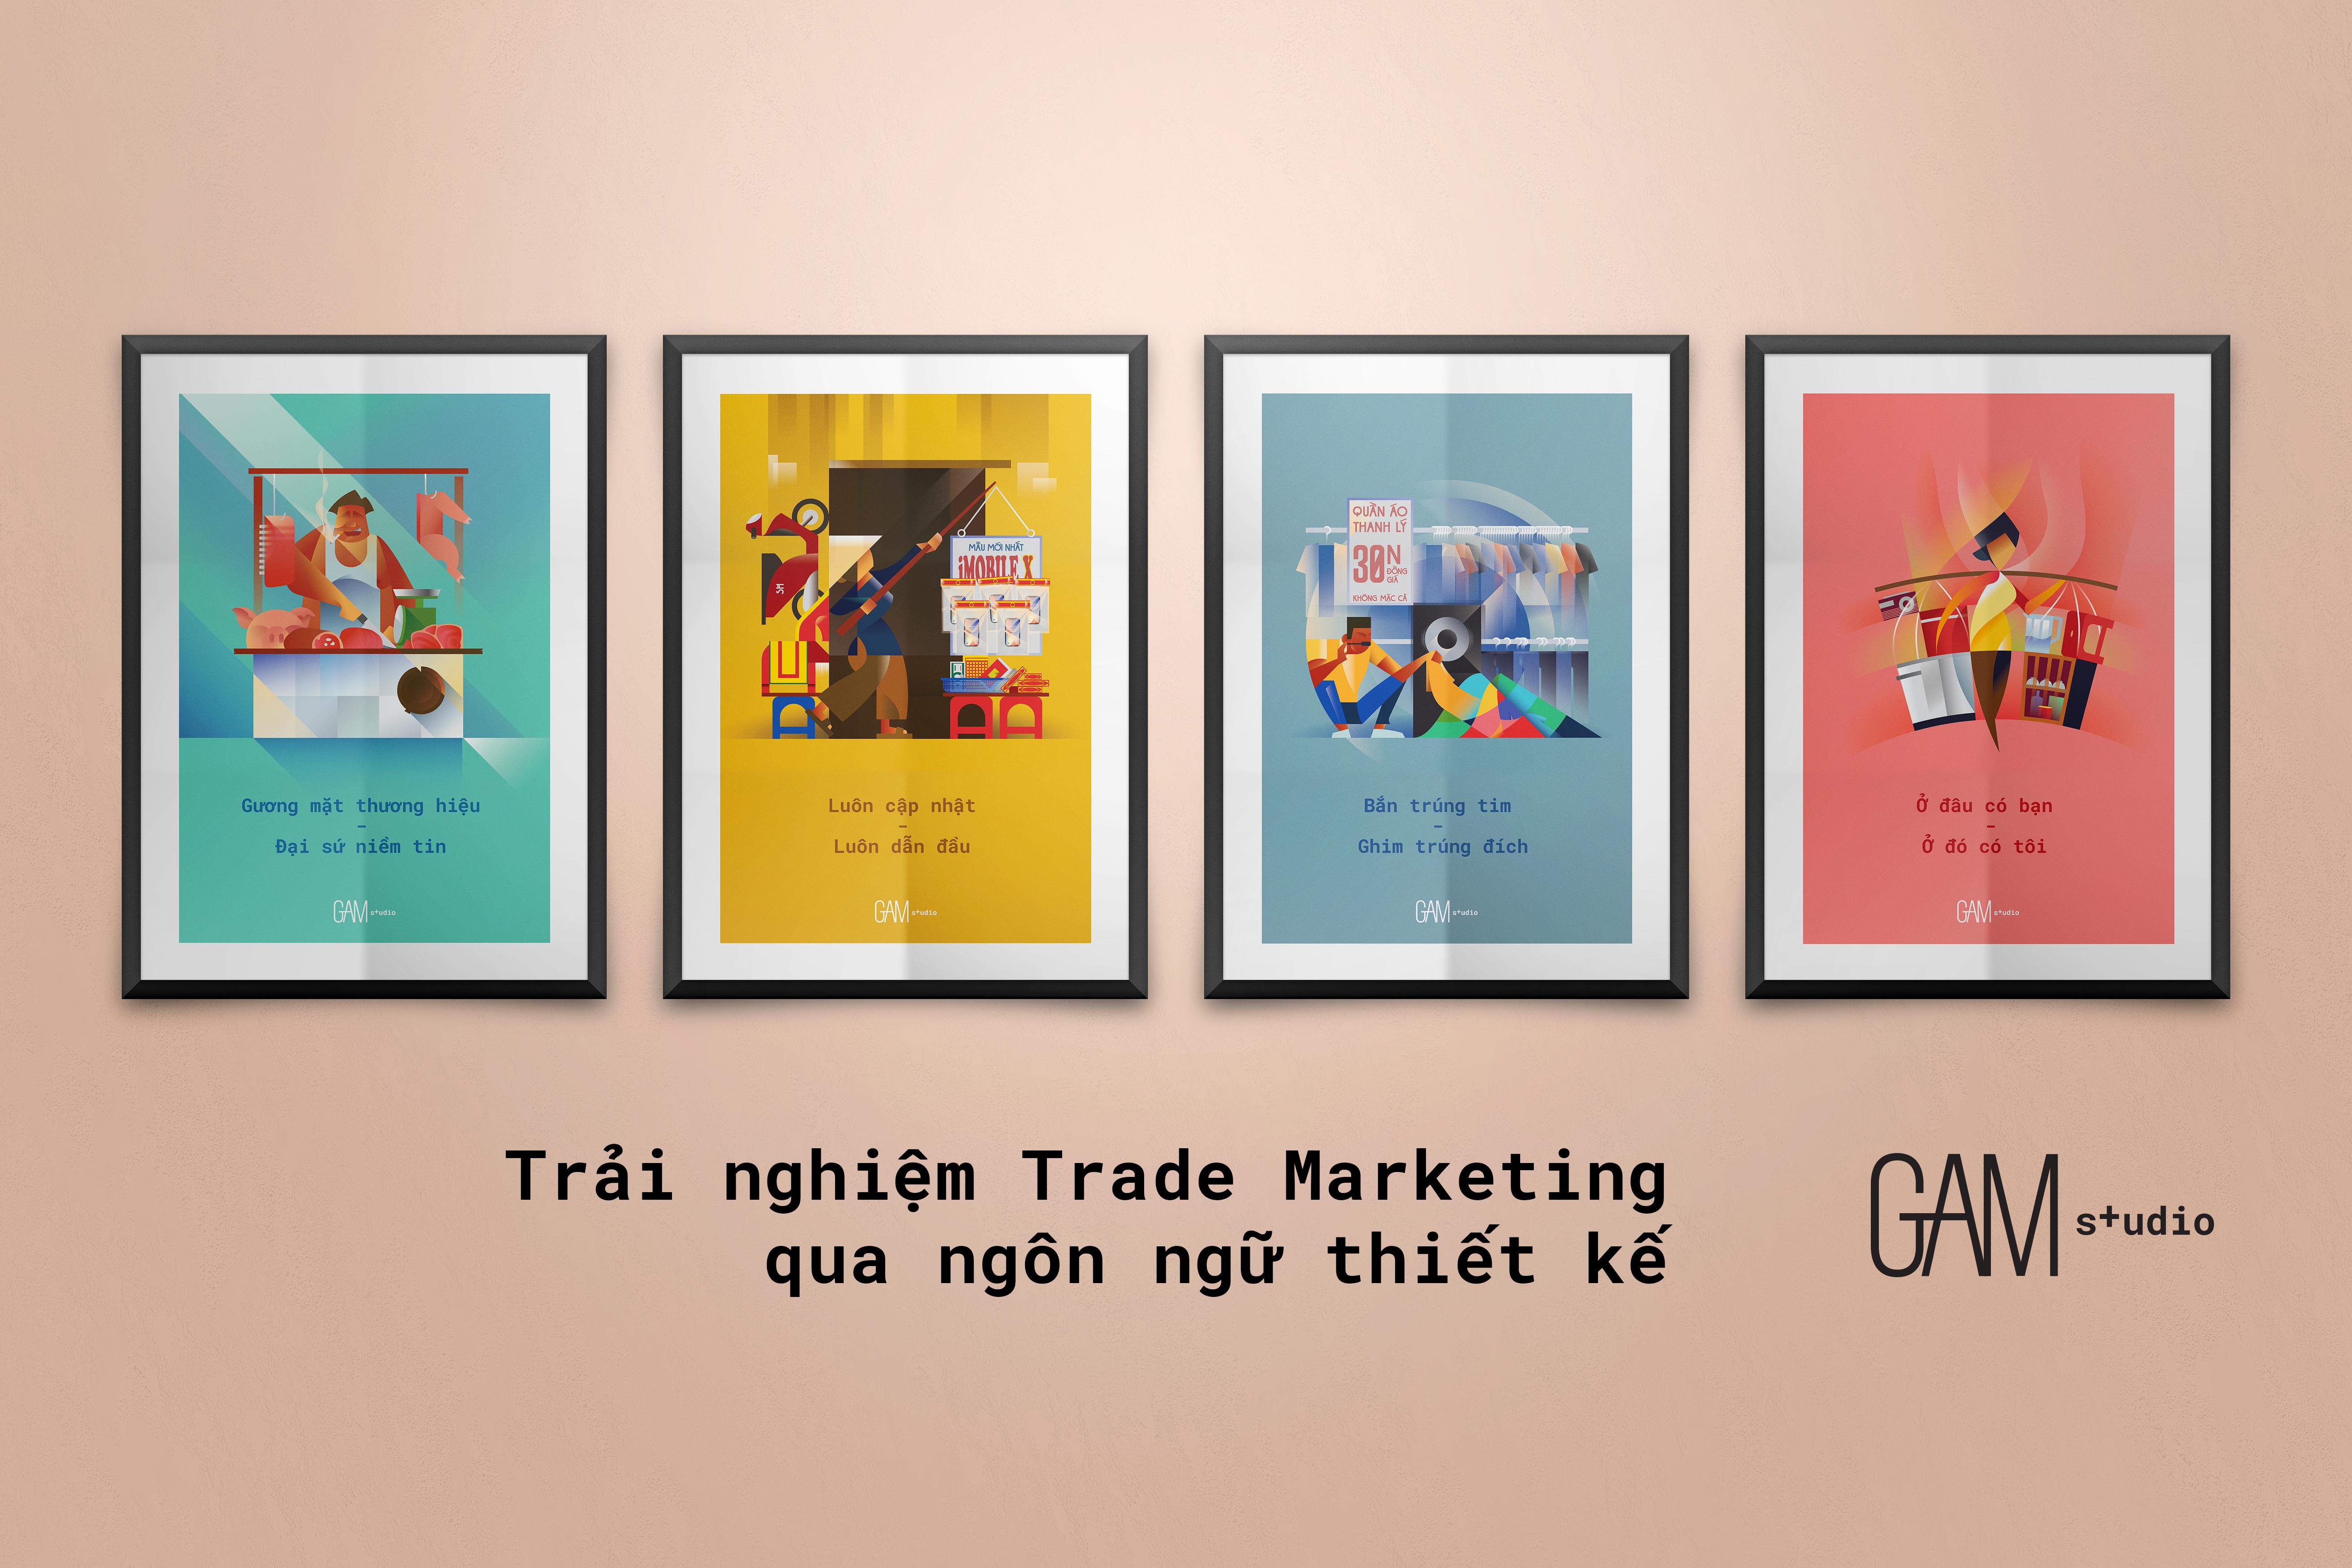 Trải nghiệm ngôn ngữ Trade Marketing qua ngôn ngữ thiết kế